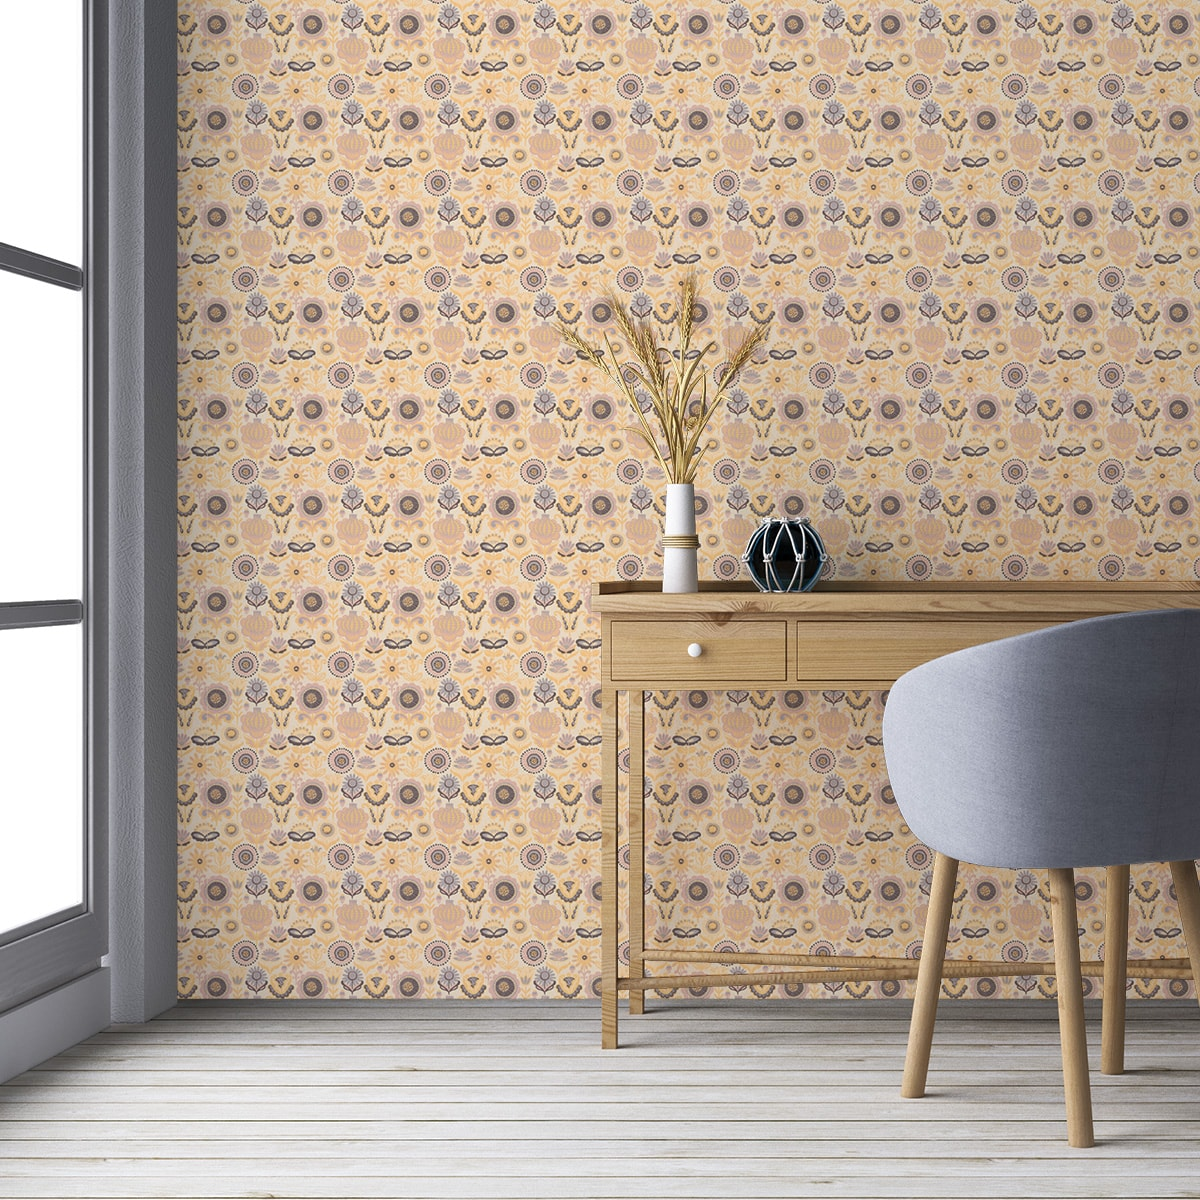 """Küchentapete gelb: Folklore Blüten Tapet """"Fiore della nostalgia"""", gelbe Vlies Nostalgietapete Blumentapete für Küche"""